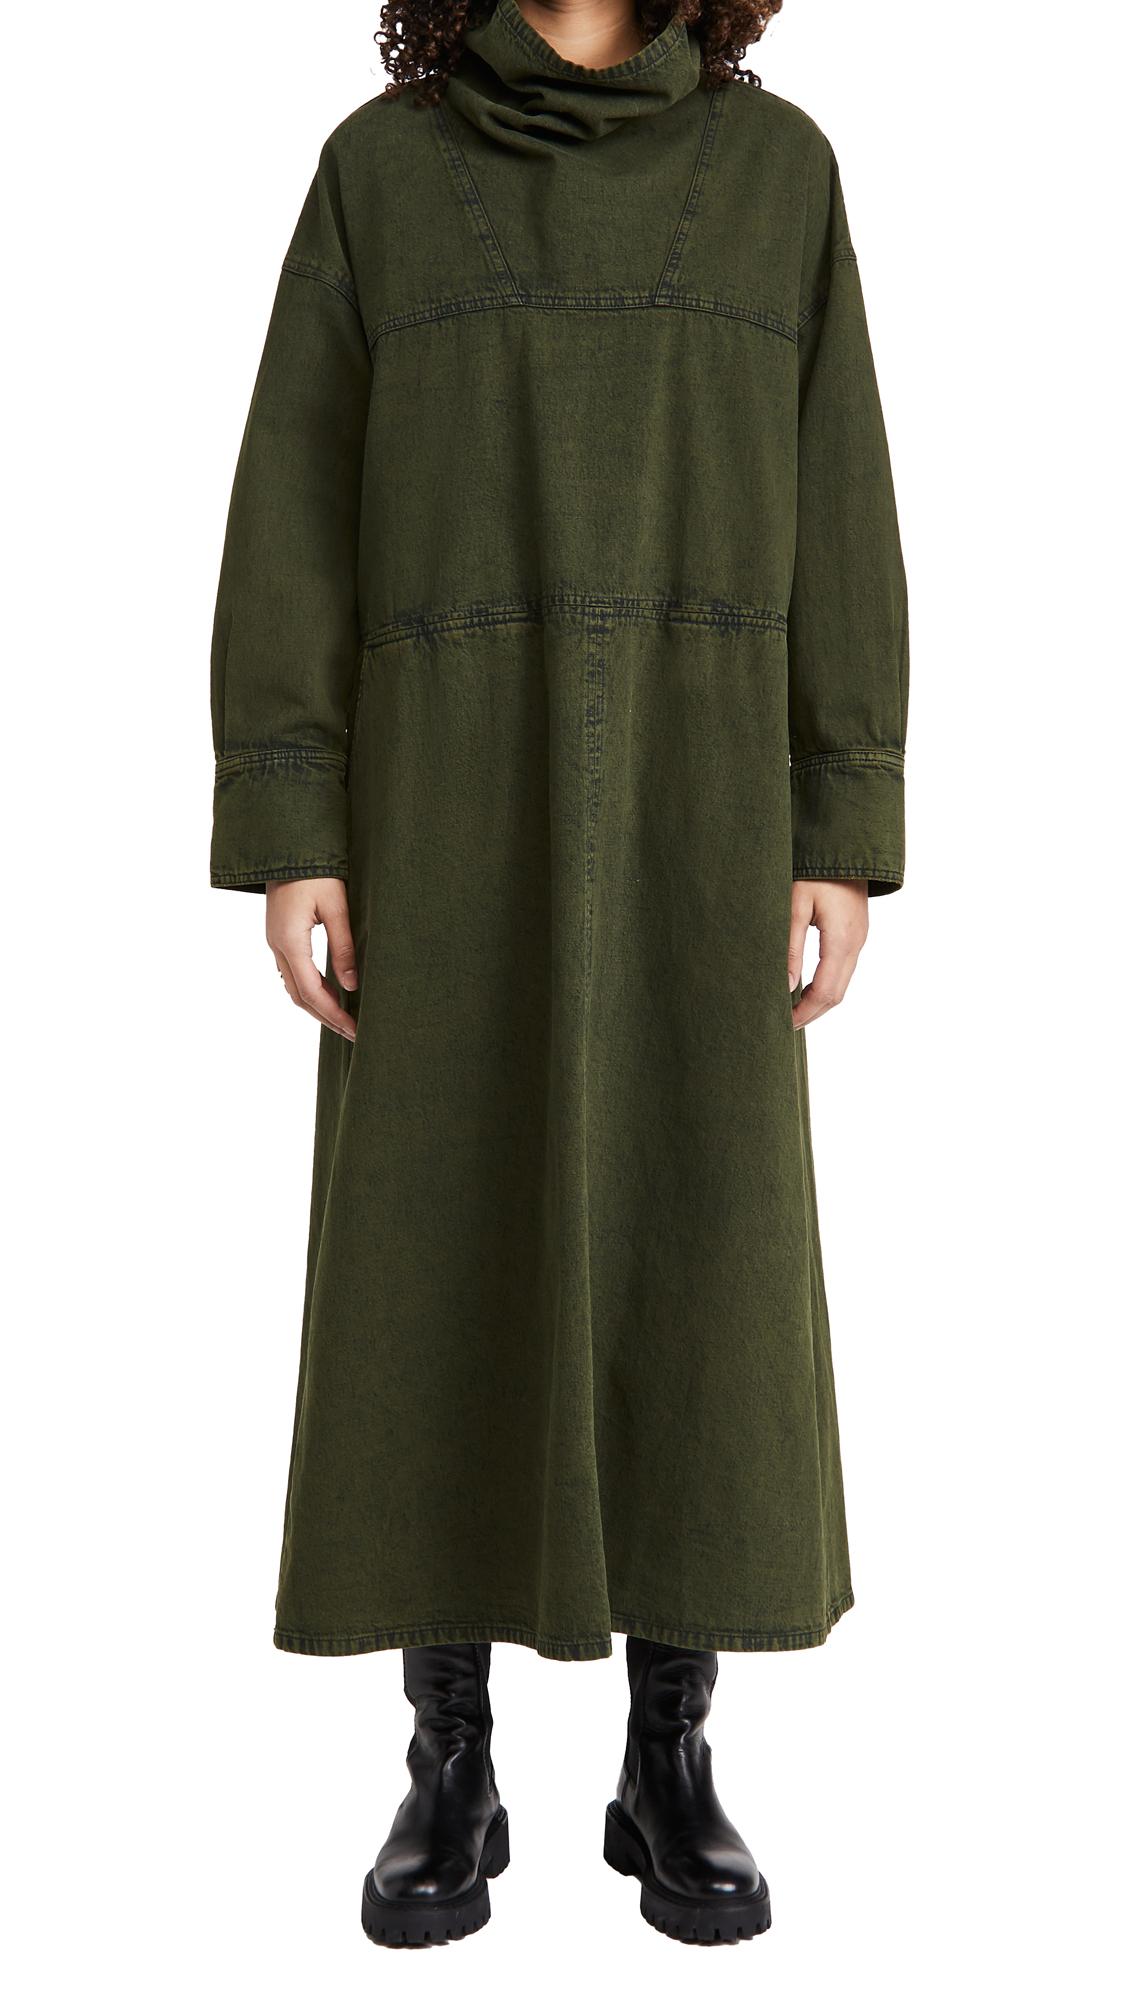 Rachel Comey Felton Dress